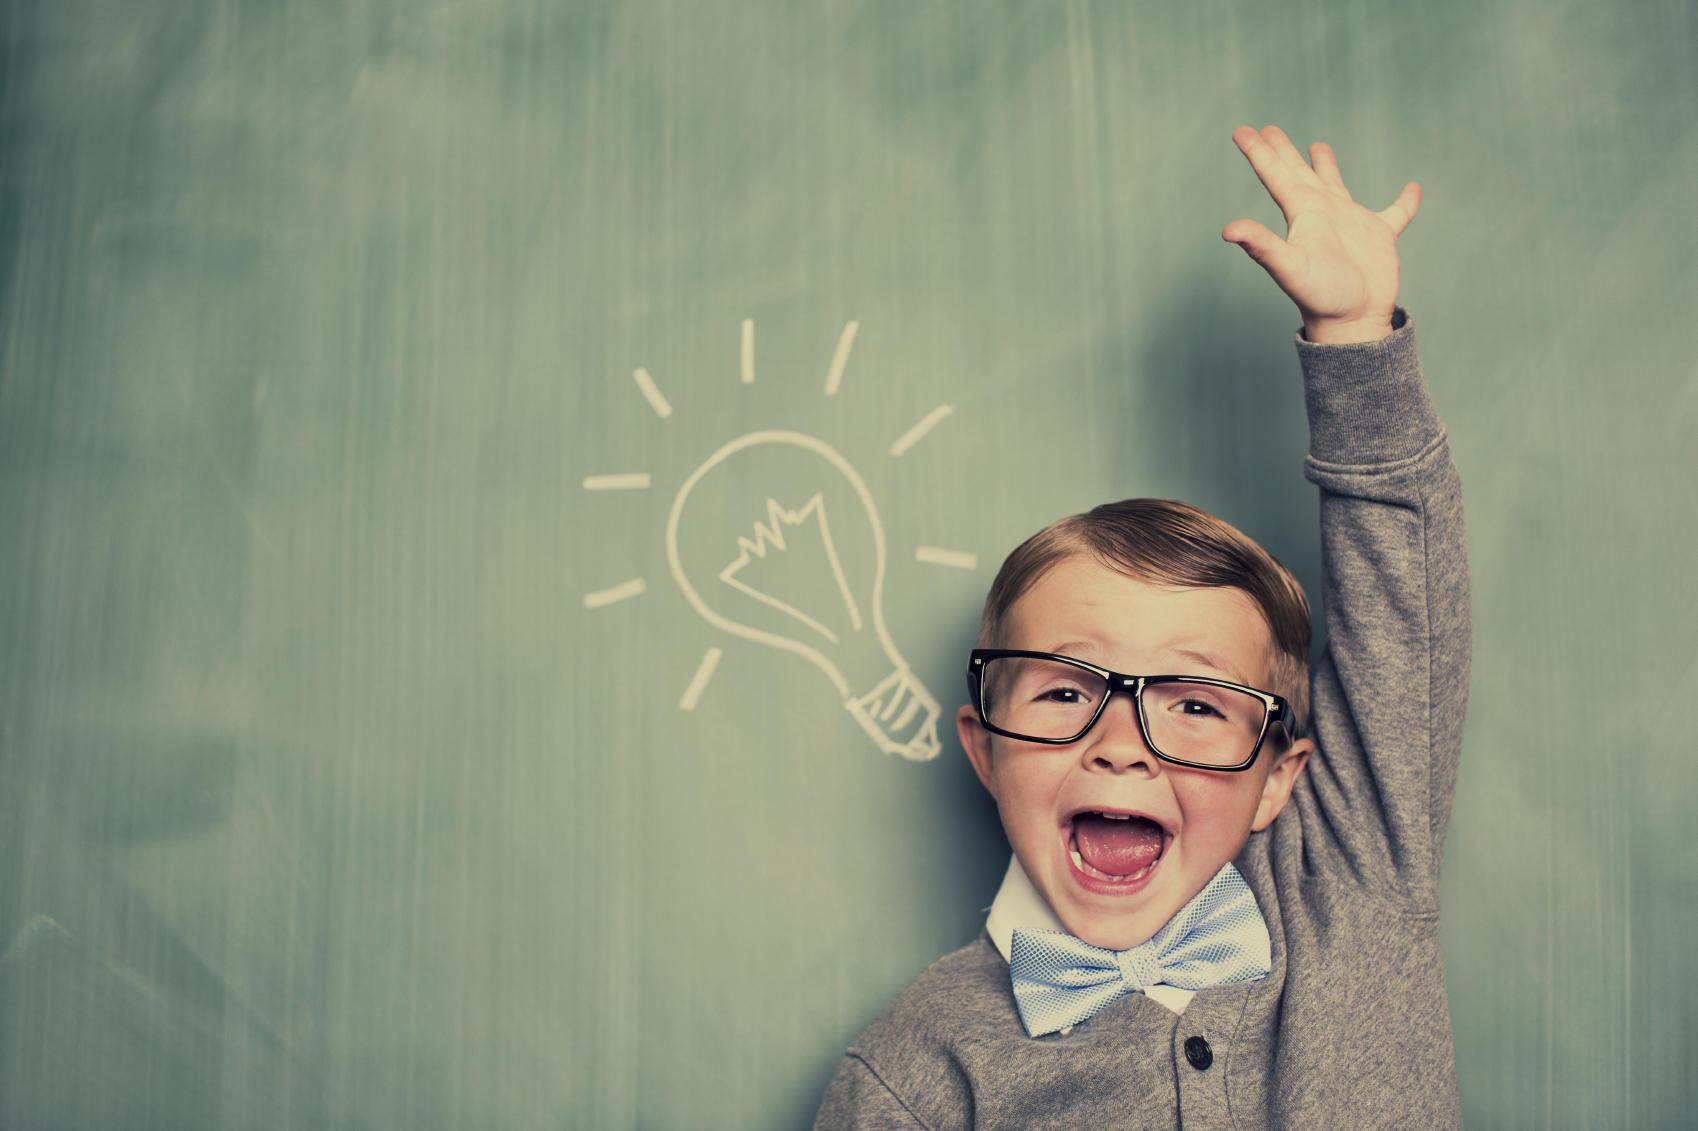 Phát triển trí thông minh cho bé theo Biểu đồ tư duy hình nón 4